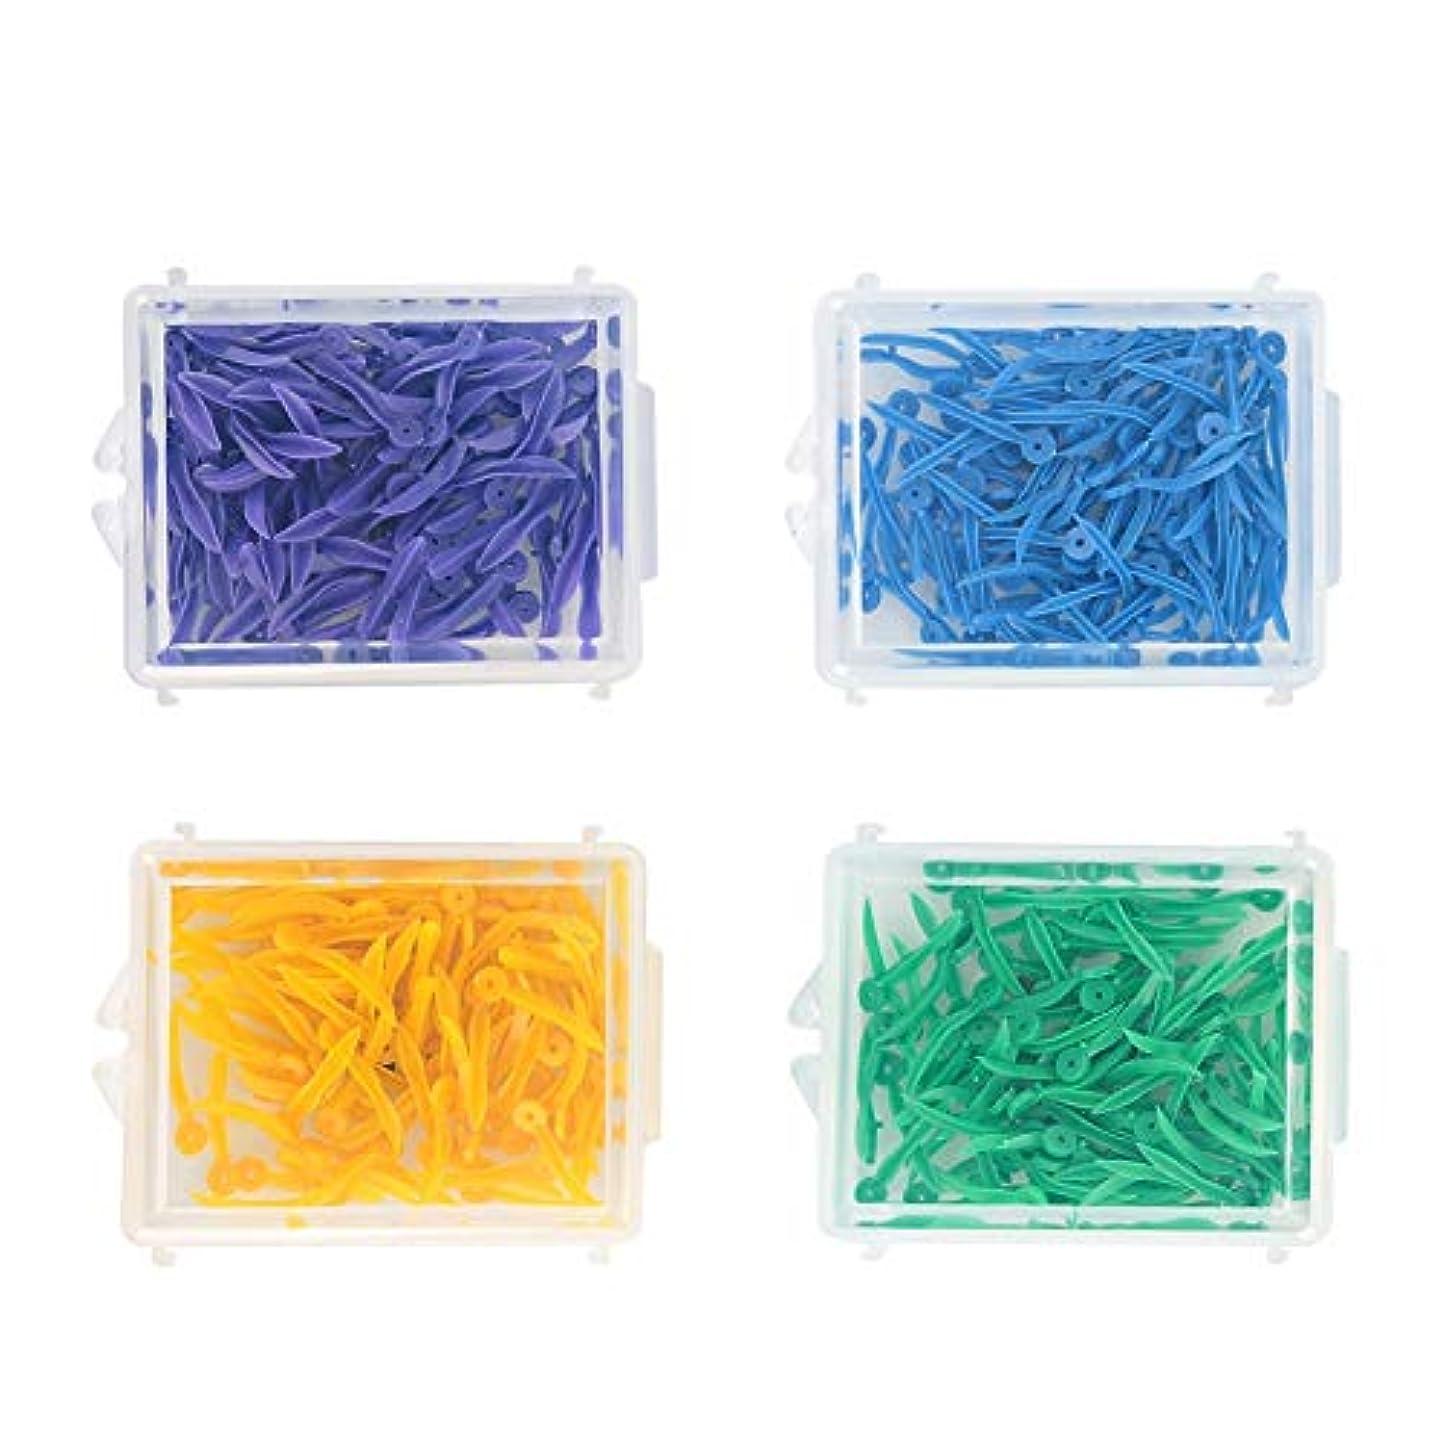 すきコメンテーターローストDiastemaのくさび、穴が付いている4箱4色の使い捨て可能なプラスチック歯科固定くさび